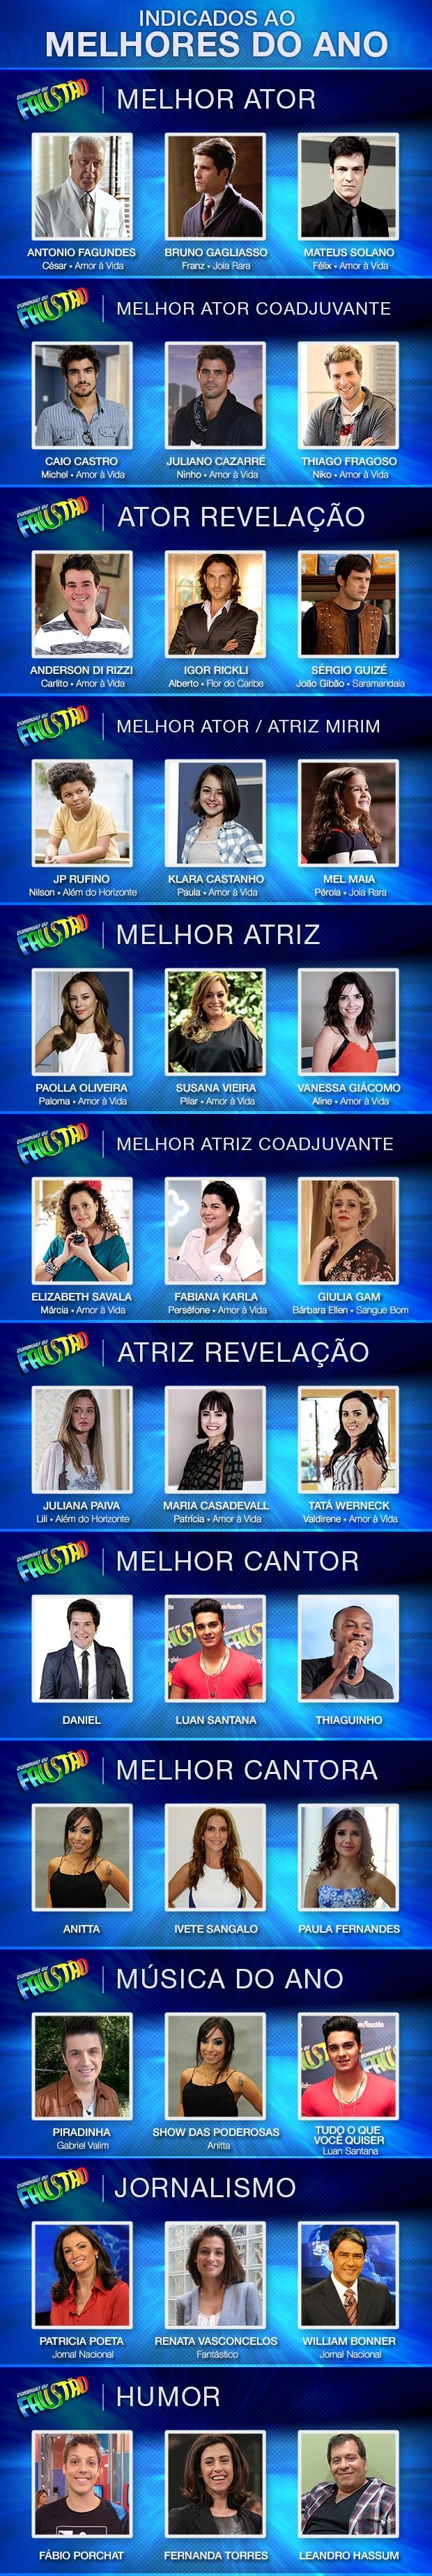 Indicados Melhores do Ano (Foto: Domingão/TV Globo)